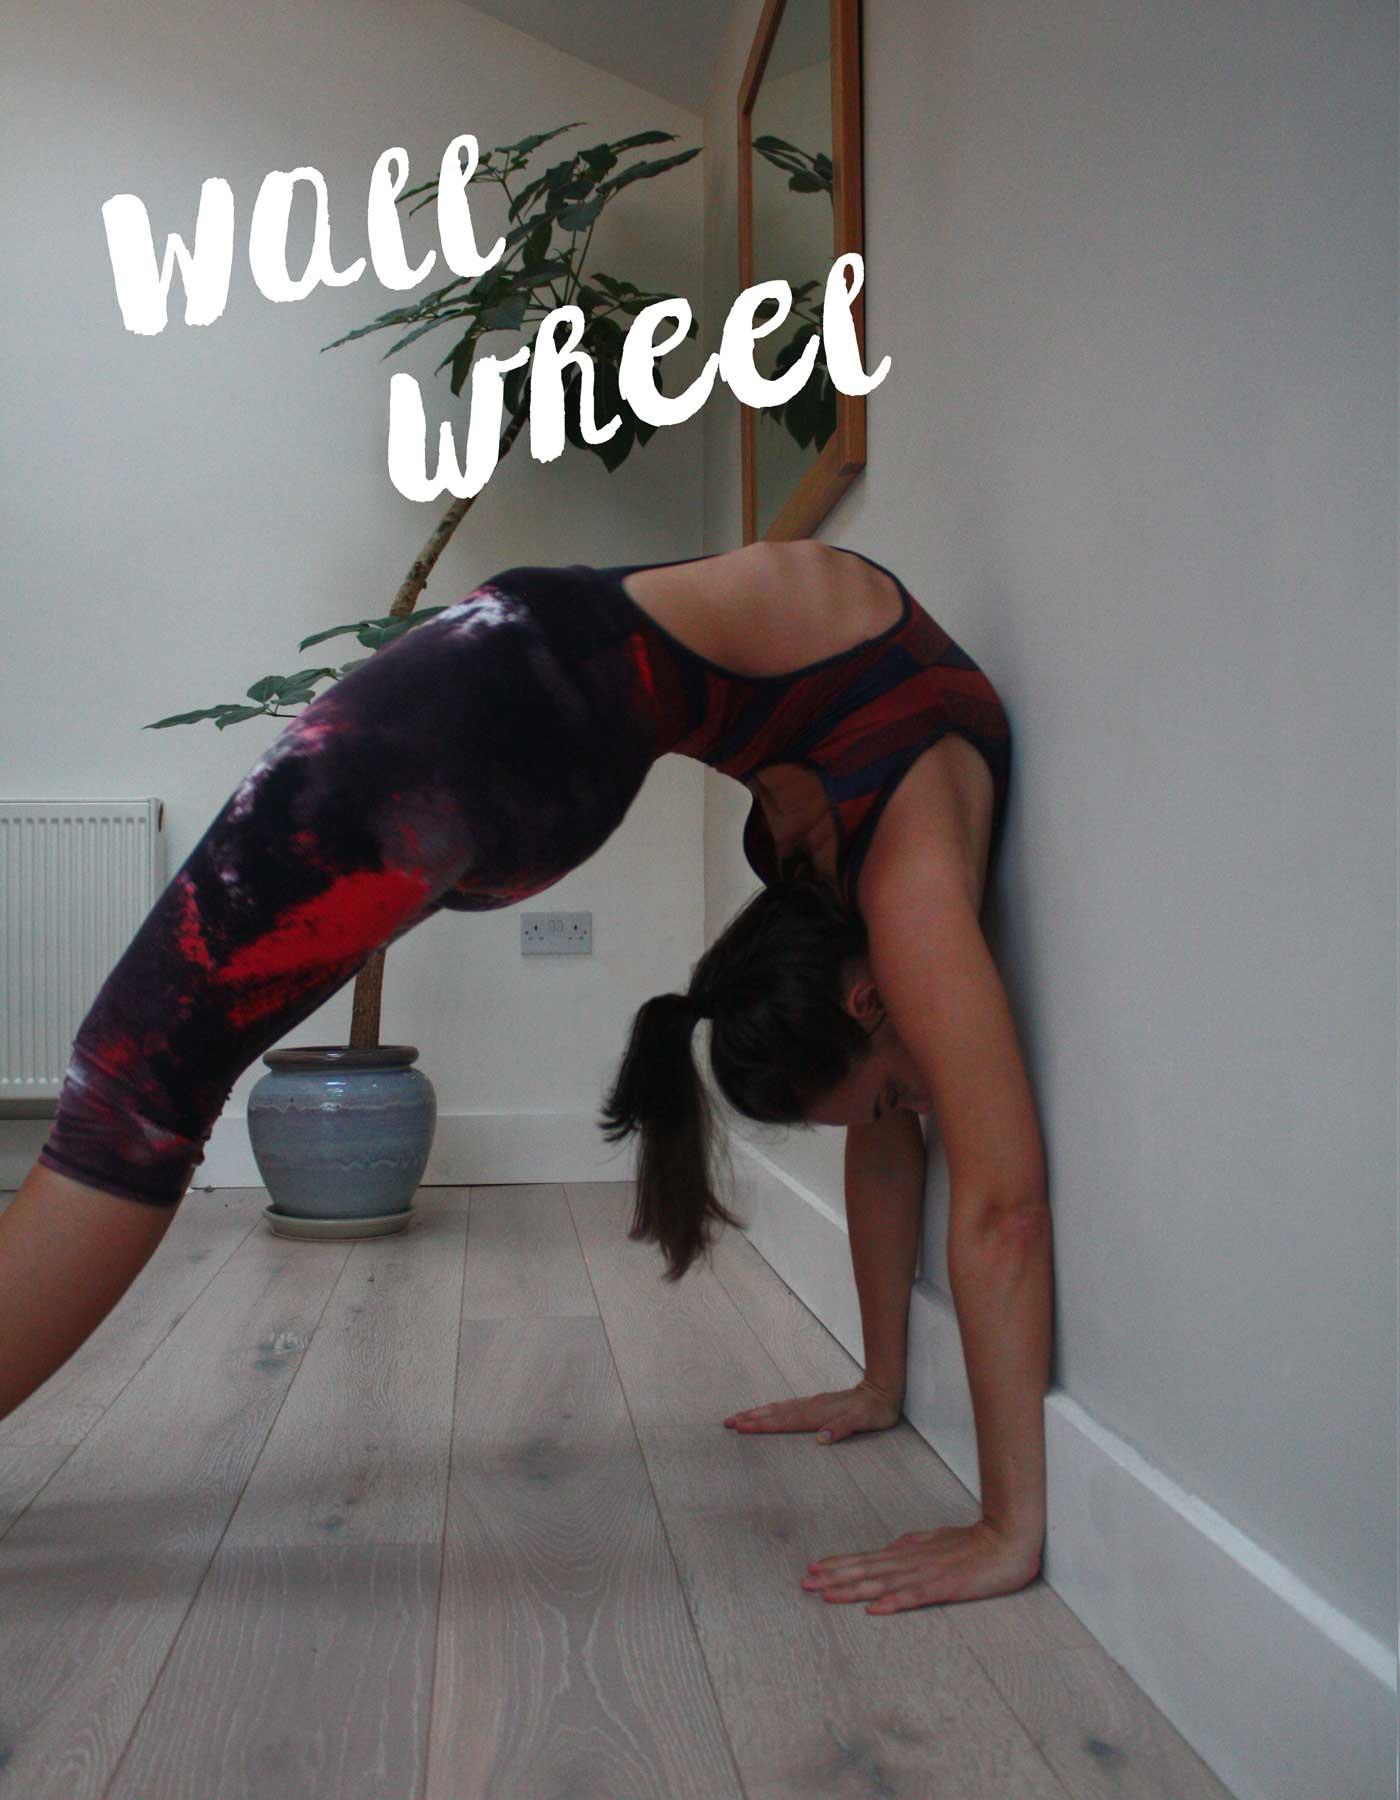 wall-yoga-wheel